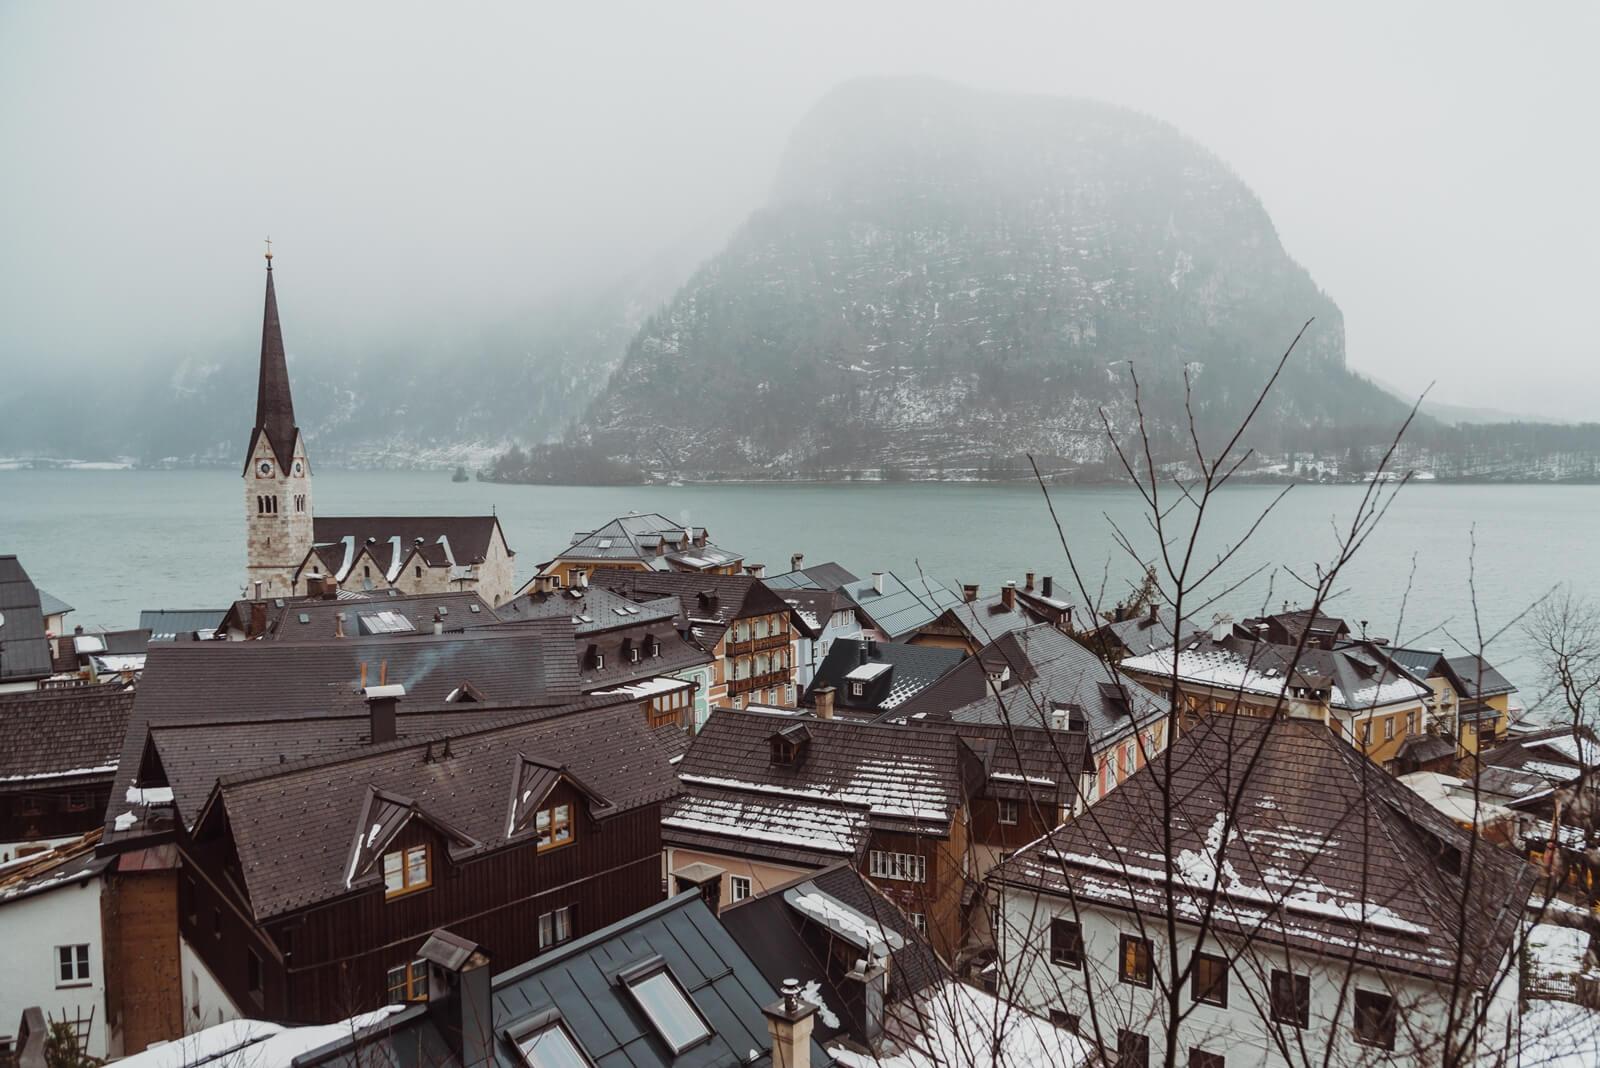 hallstatt-austria-lavienblog-allrightsreserved-13